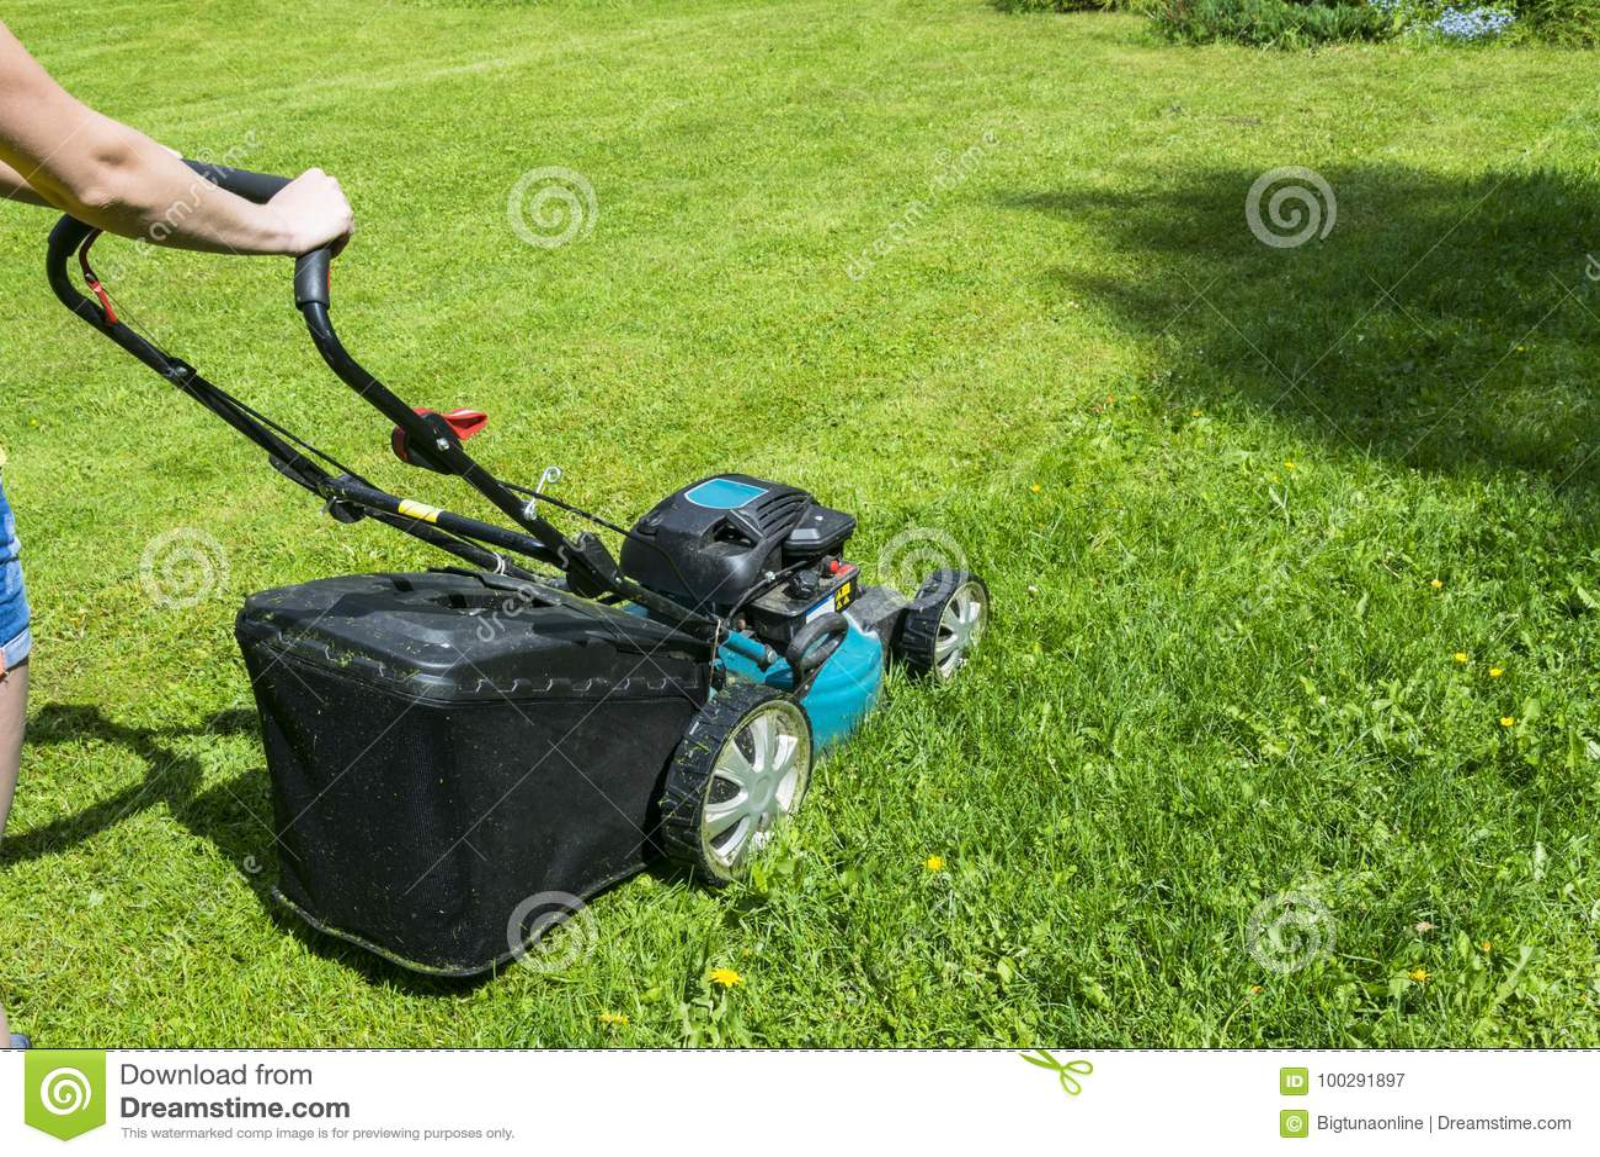 La belle fille coupe la pelouse Pelouses de fauchage Tondeuse à gazon sur l herbe verte Équipement d herbe de faucheuse Outil de